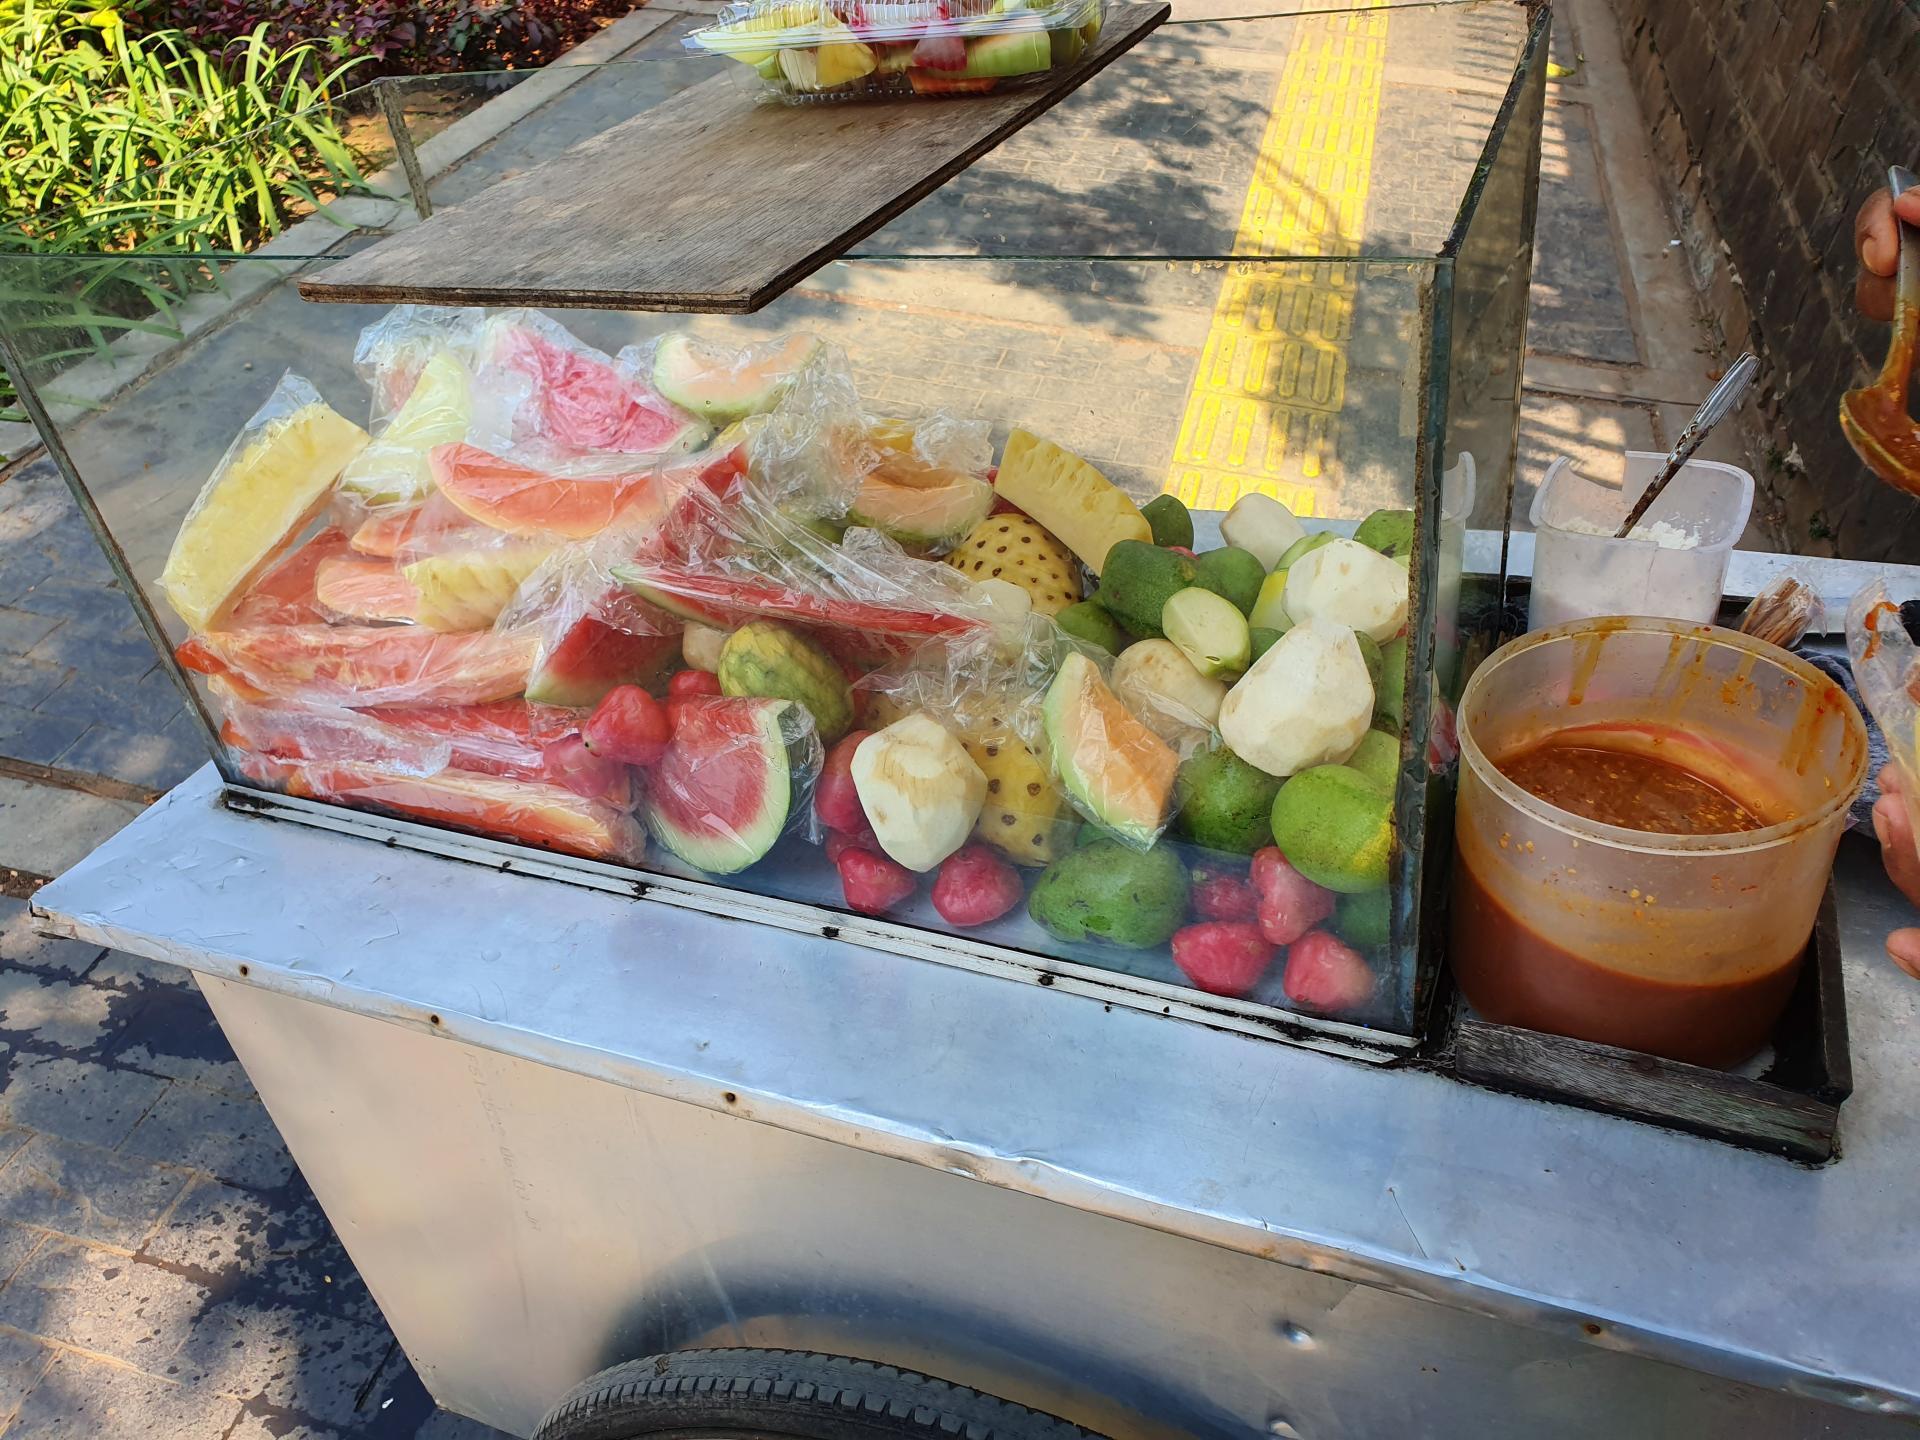 тележка с фруктами на улице Джакарты